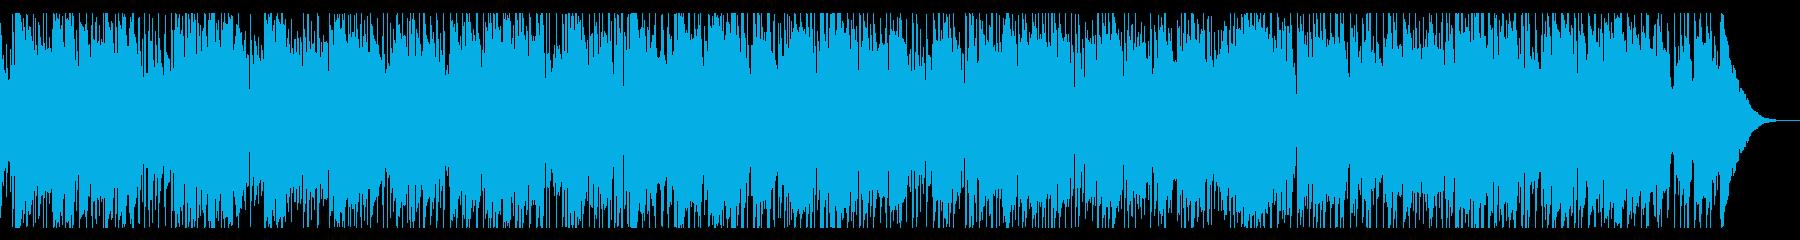 生演奏トランペットおしゃれスムースジャズの再生済みの波形